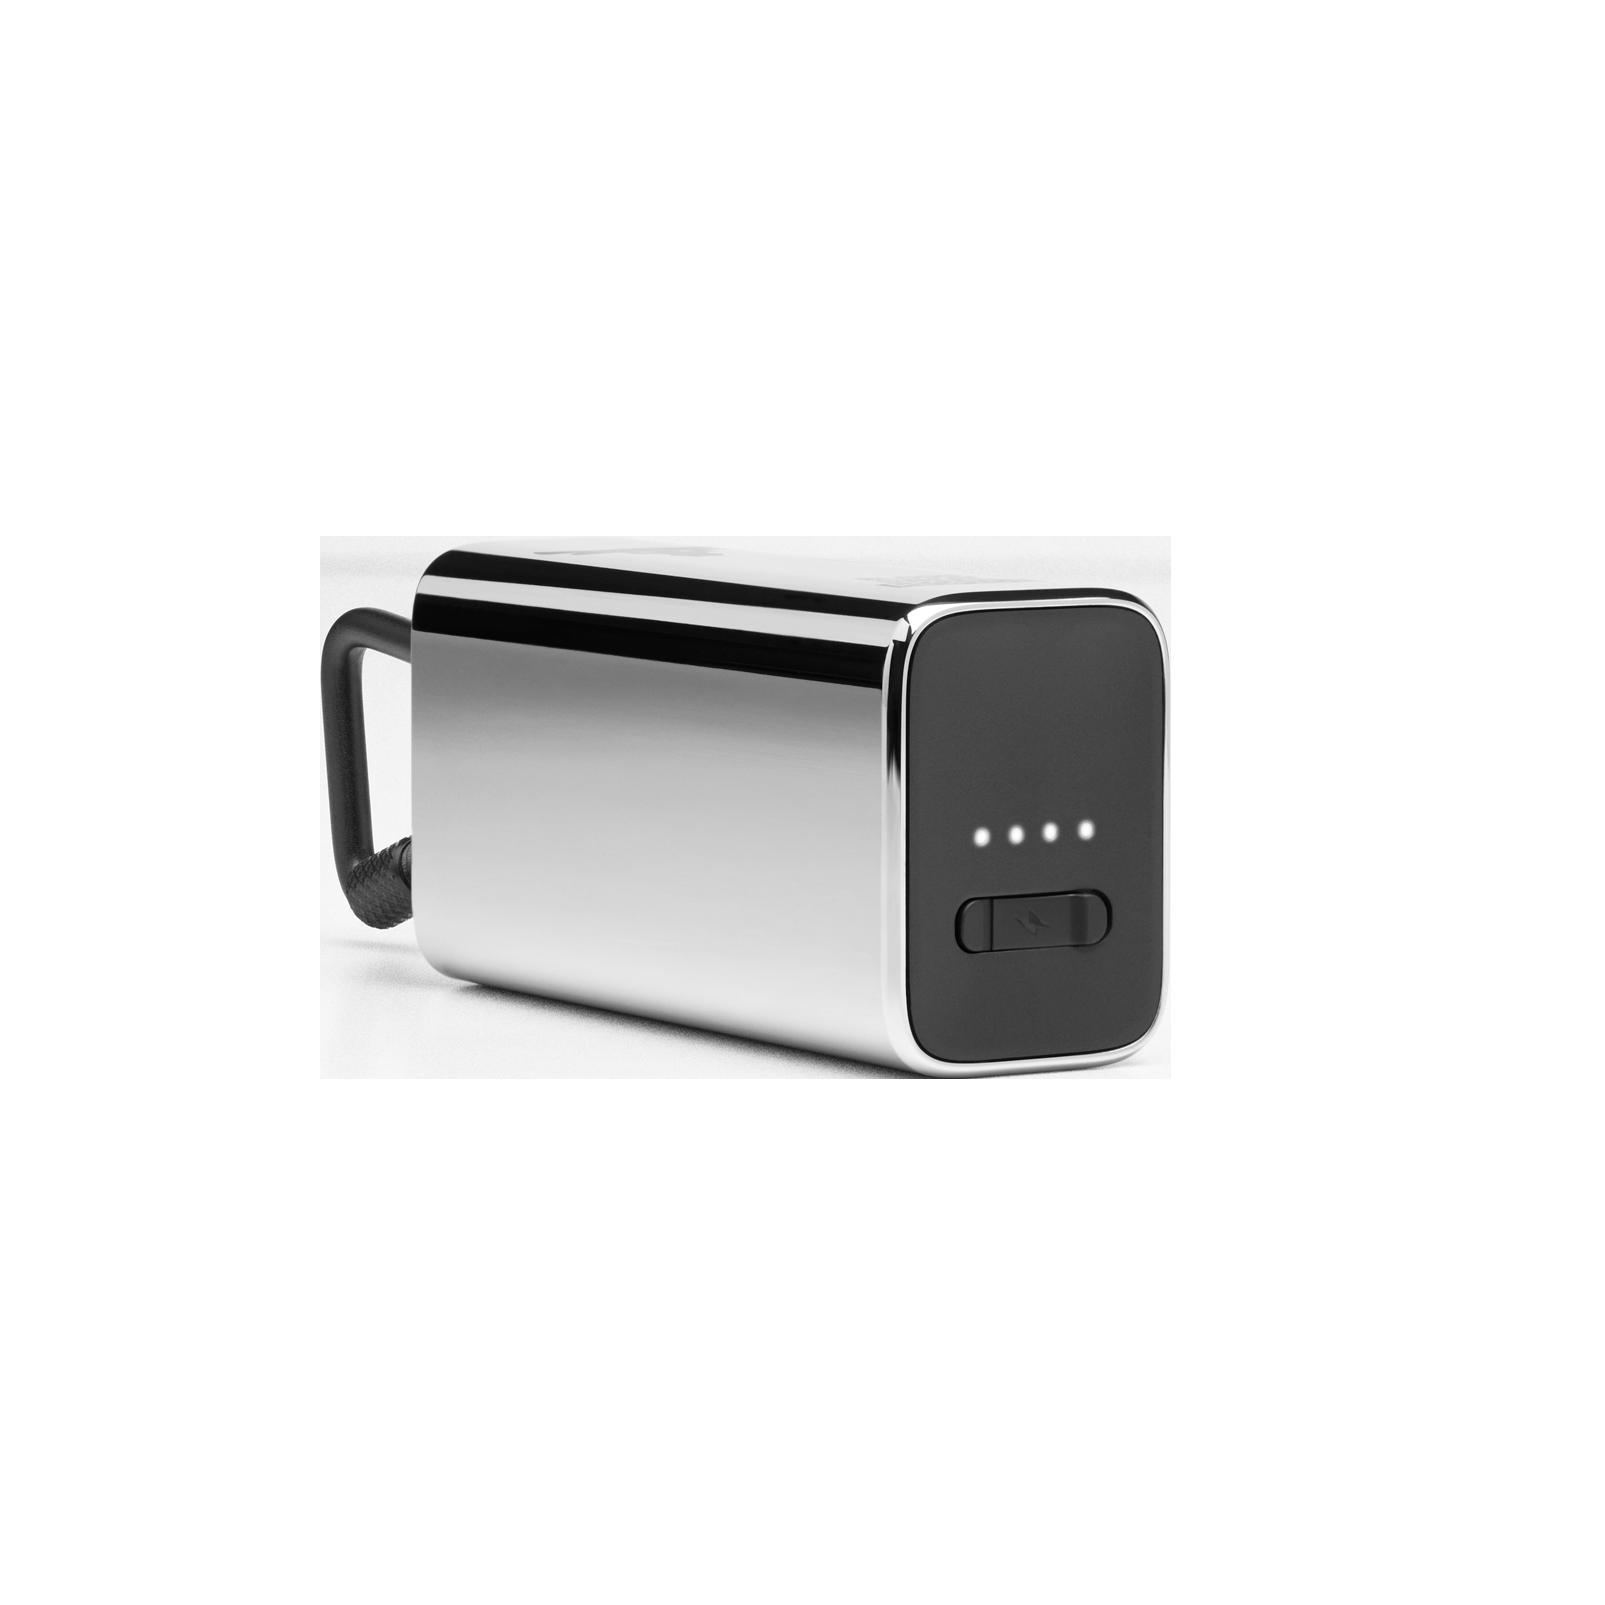 UA Project Rock True Wireless X - Engineered by JBL - Black - Waterproof true wireless sport earbuds - Detailshot 6